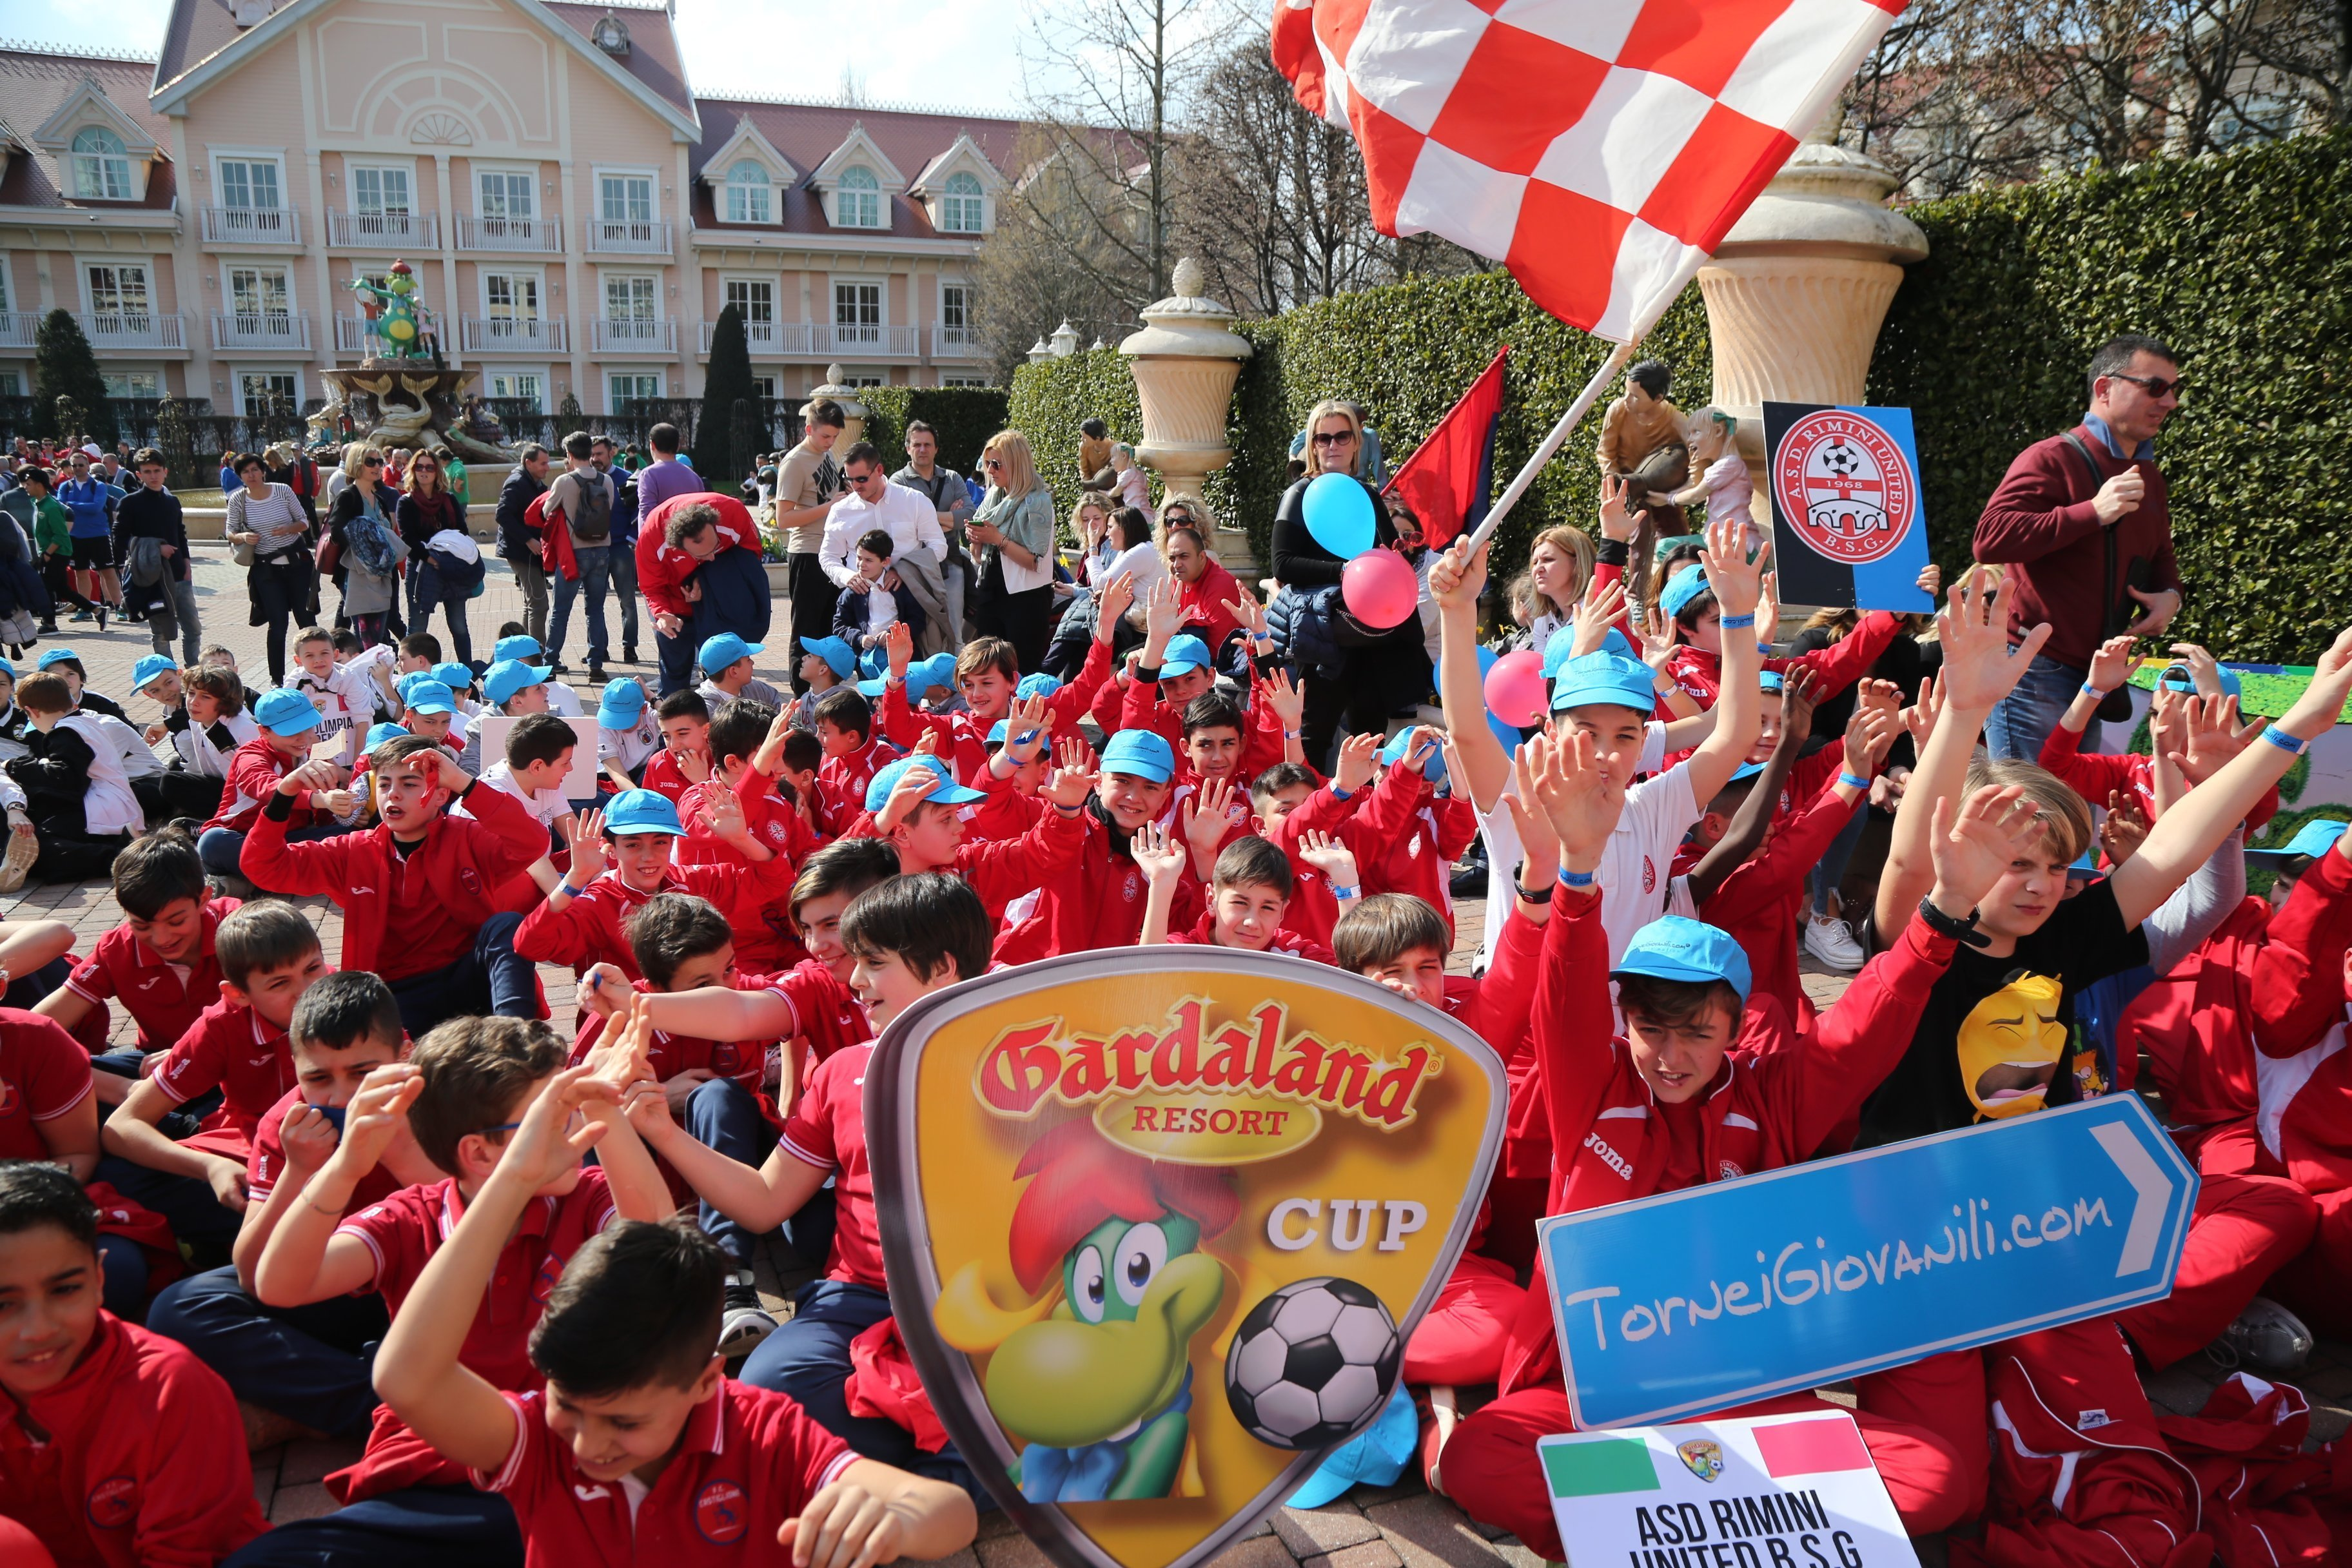 Gardaland Calendario 2020.Gardaland Cup 2020 Torneo Di Calcio Giovanile A Gardaland